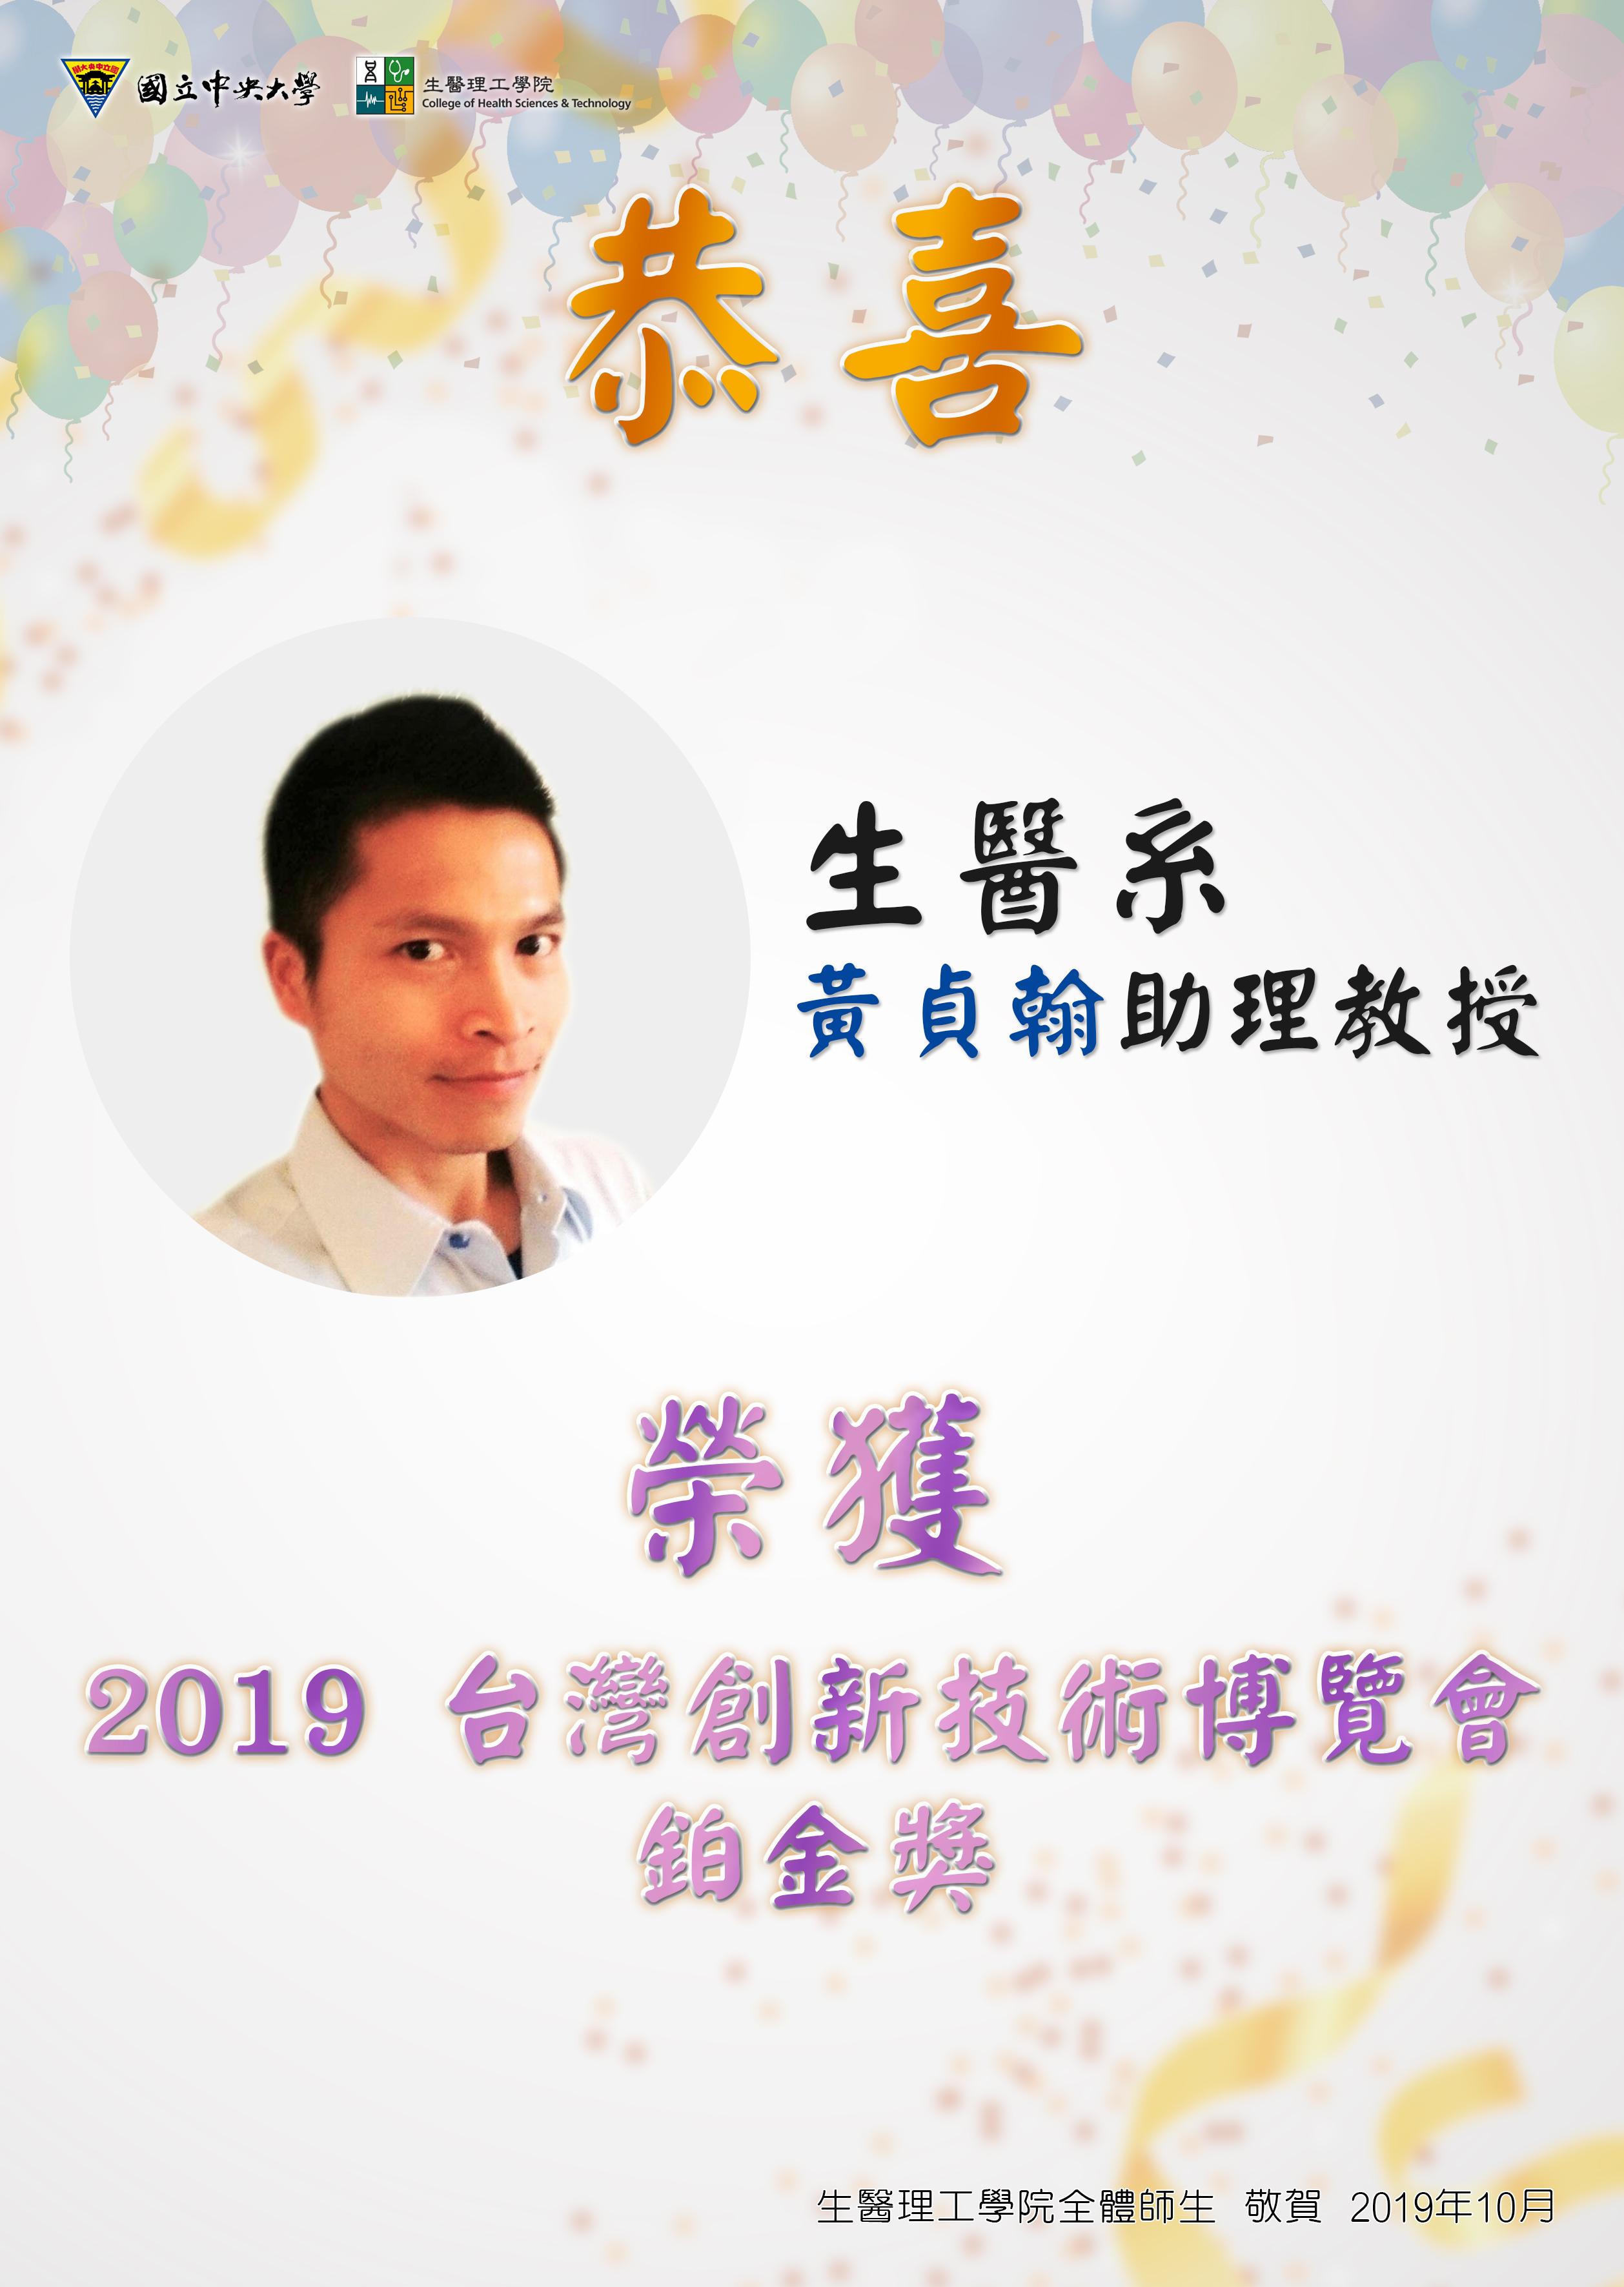 【恭賀】生醫系黃貞翰助理教授榮獲「2019 台灣創新技術博覽會—鉑金獎」